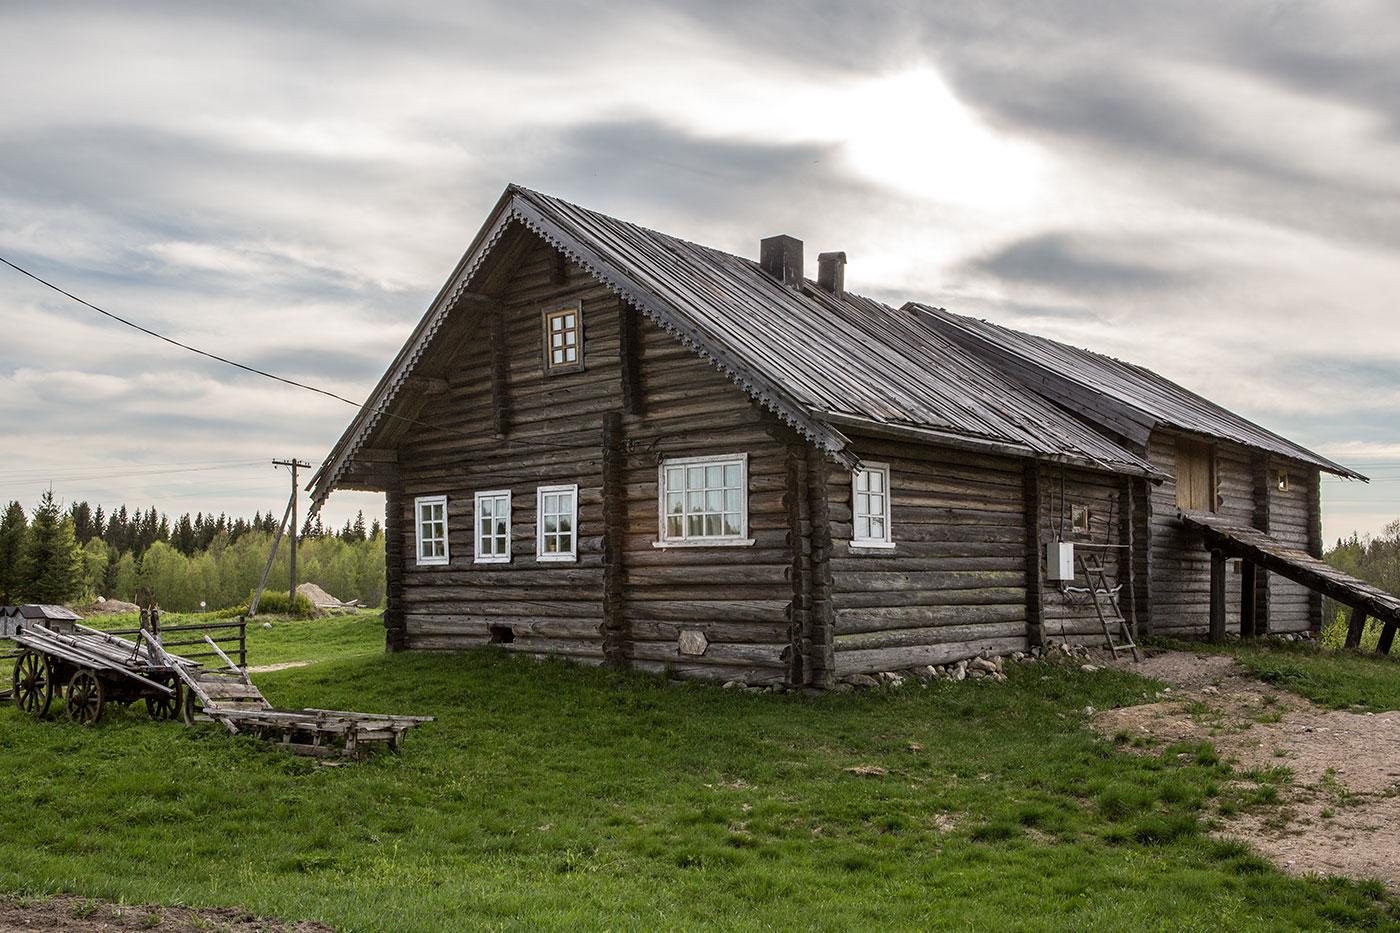 1 - As 10 aldeias mais bonitas da Rússia